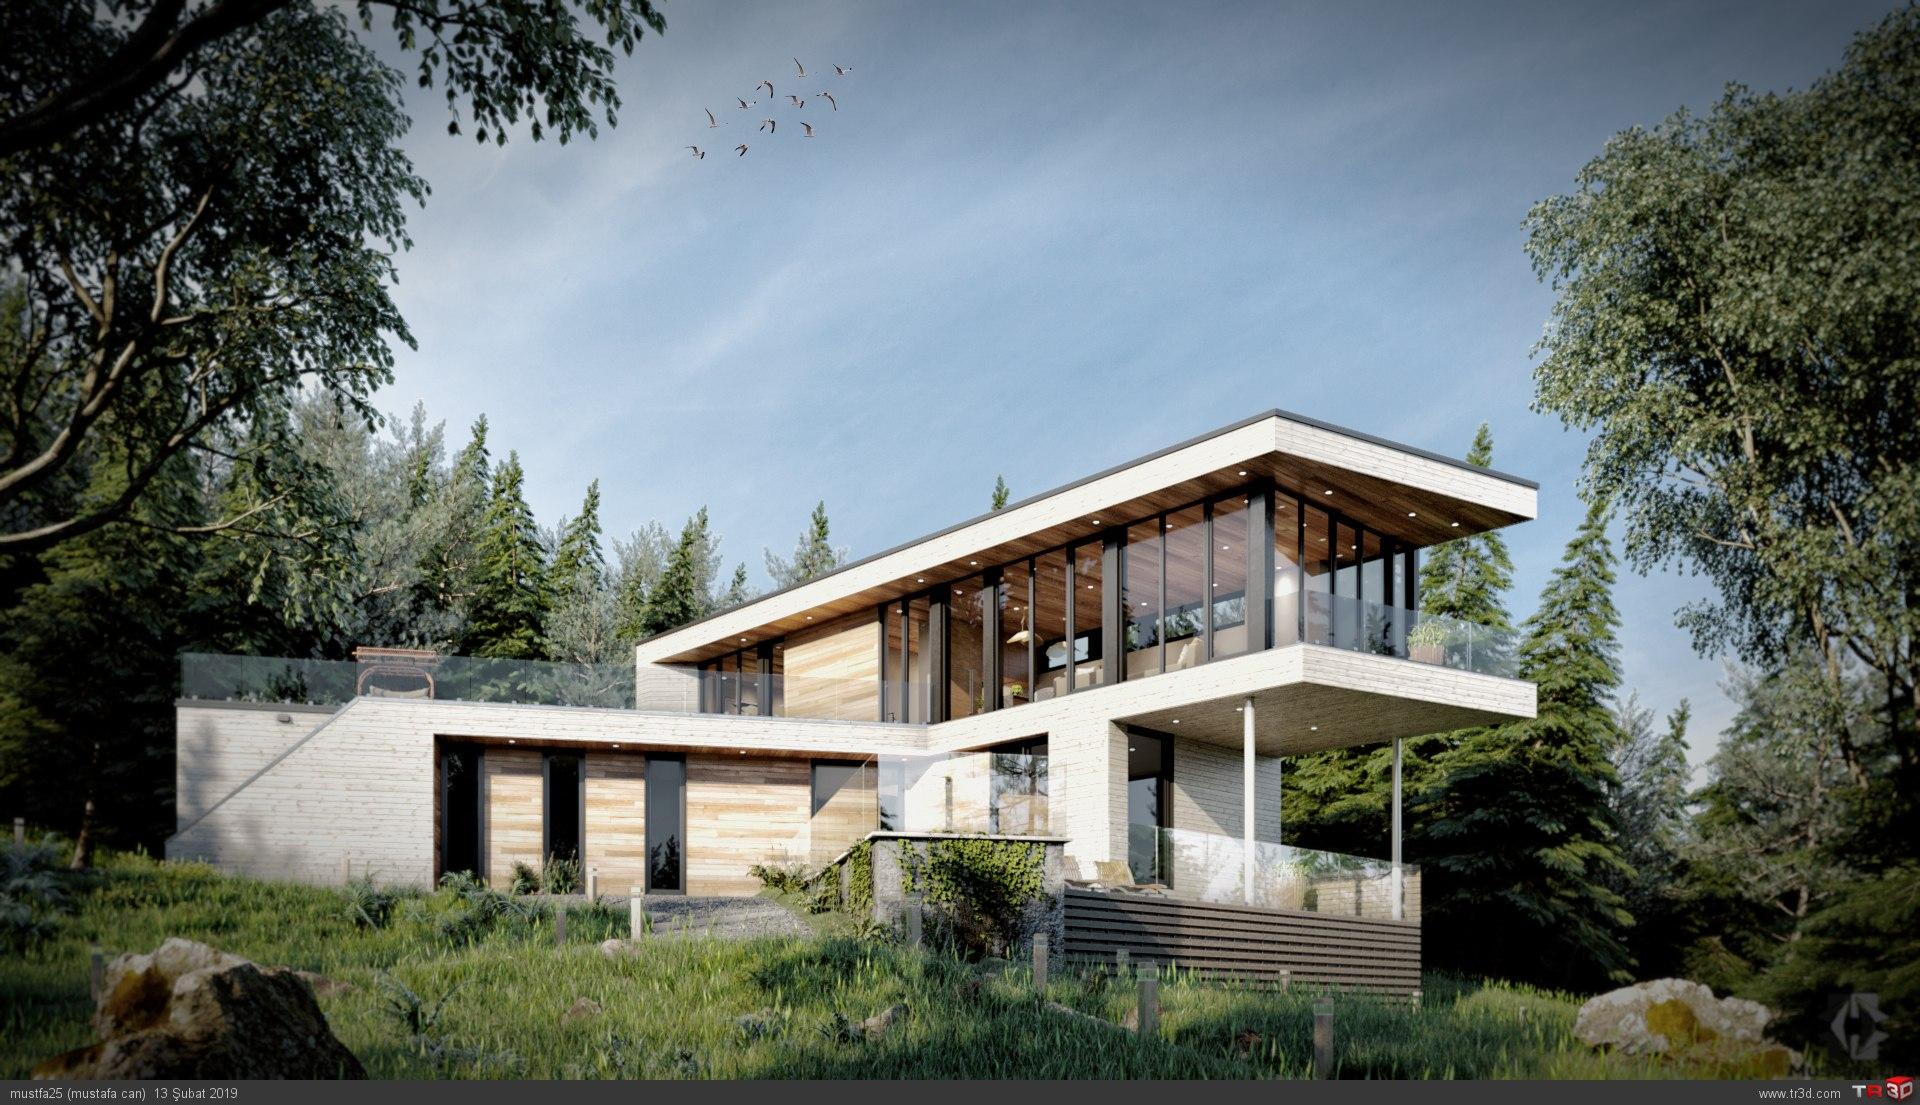 Altair_House 2